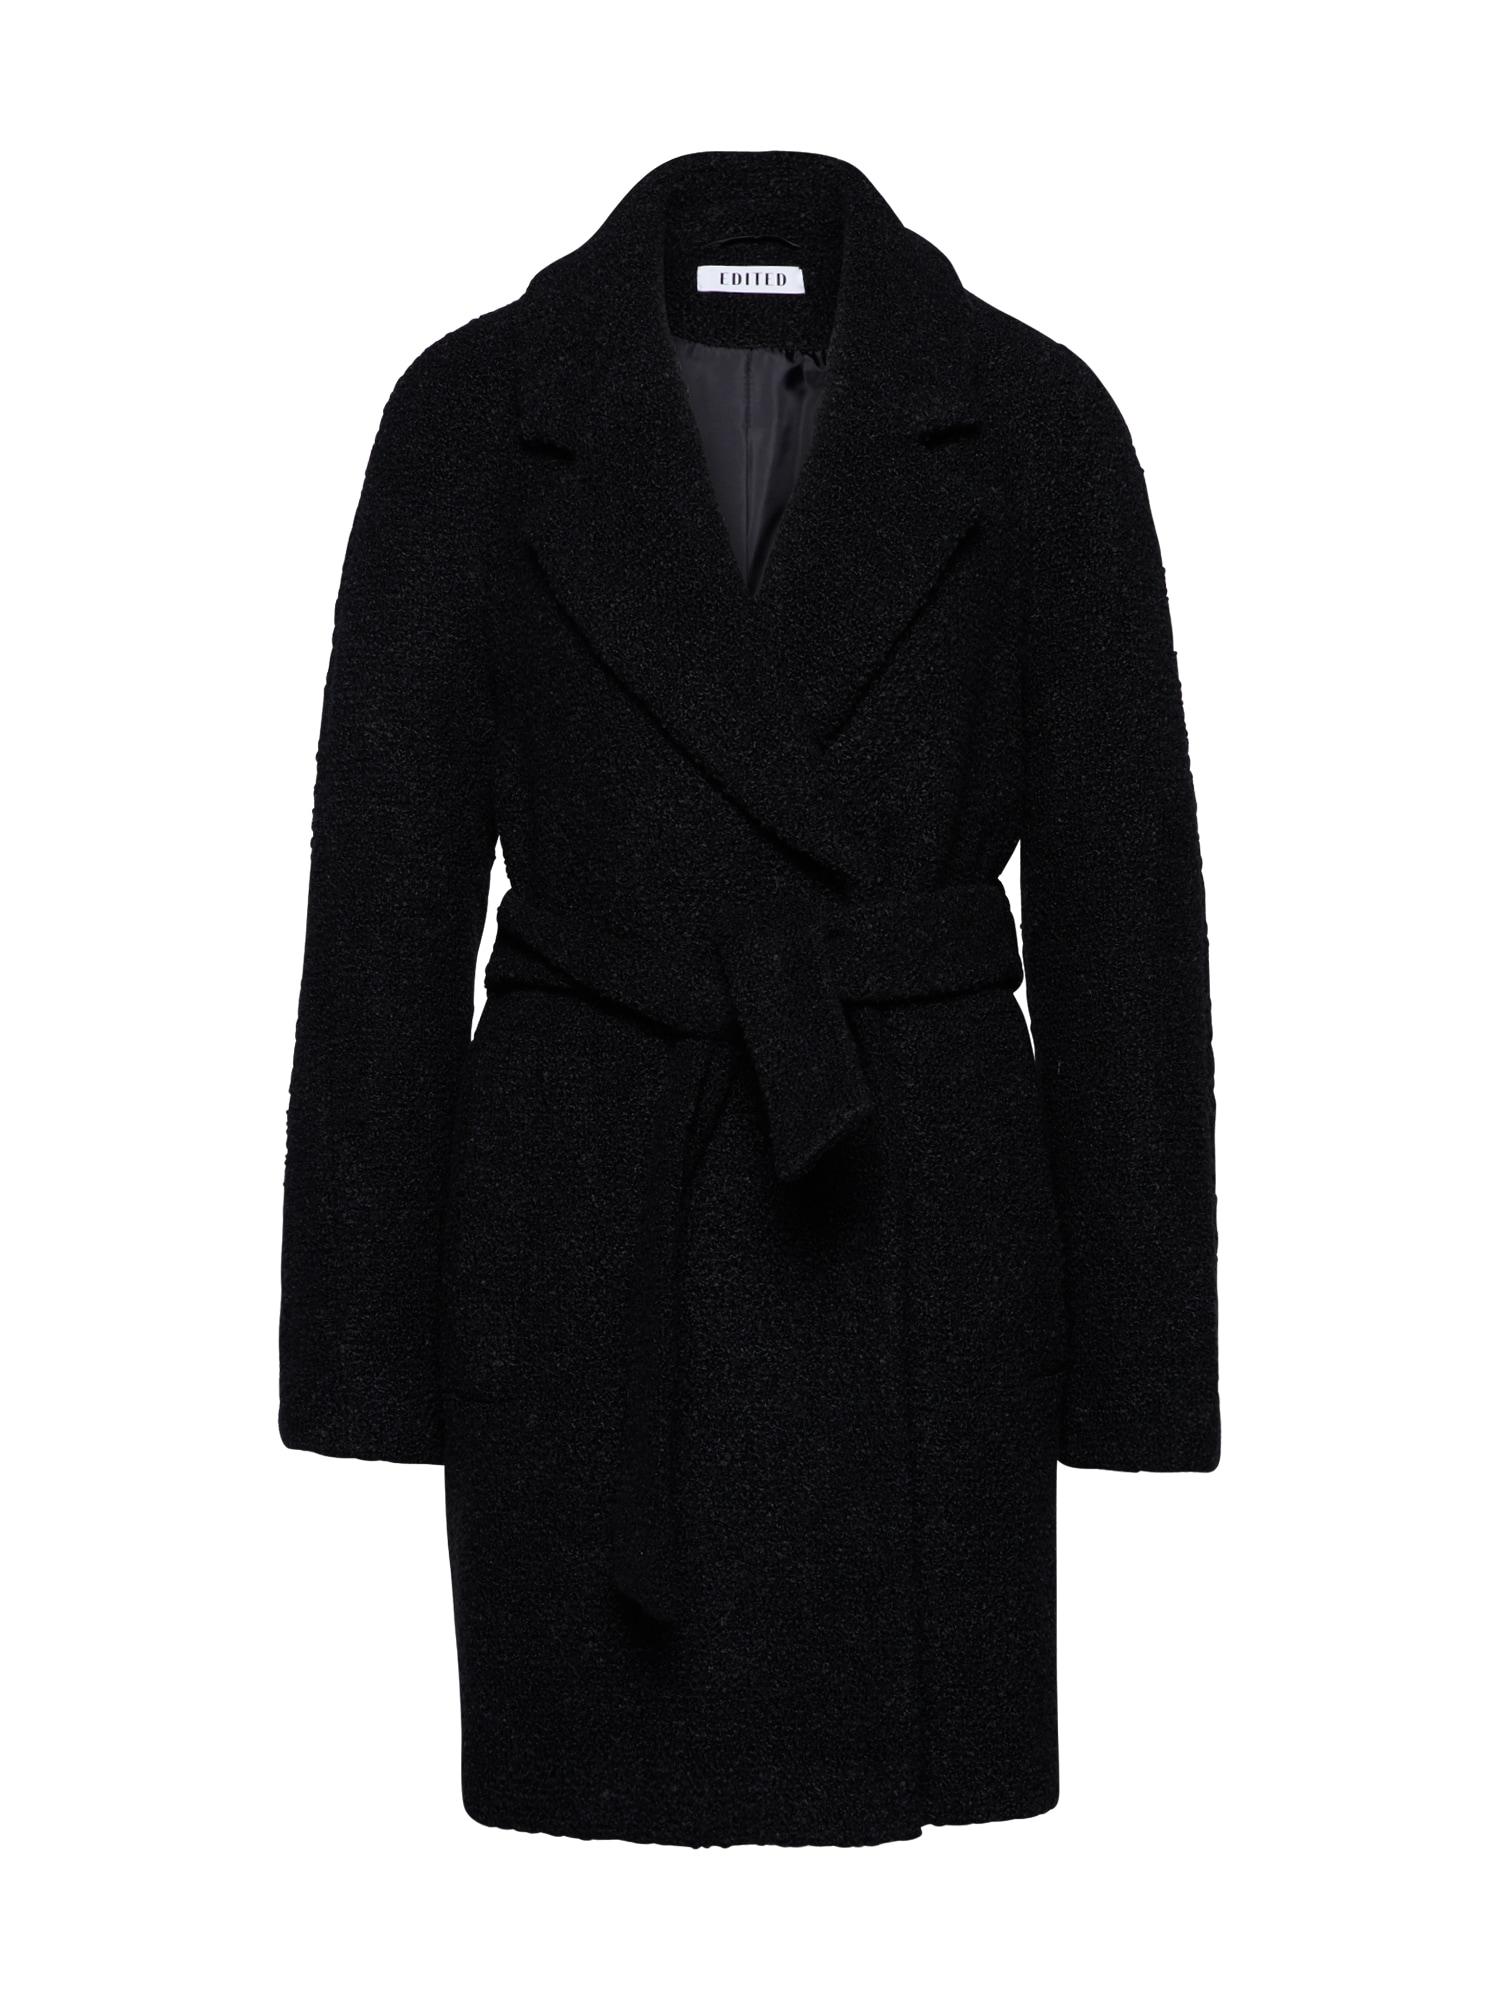 EDITED Rudeninis-žieminis paltas 'Georgia' juoda